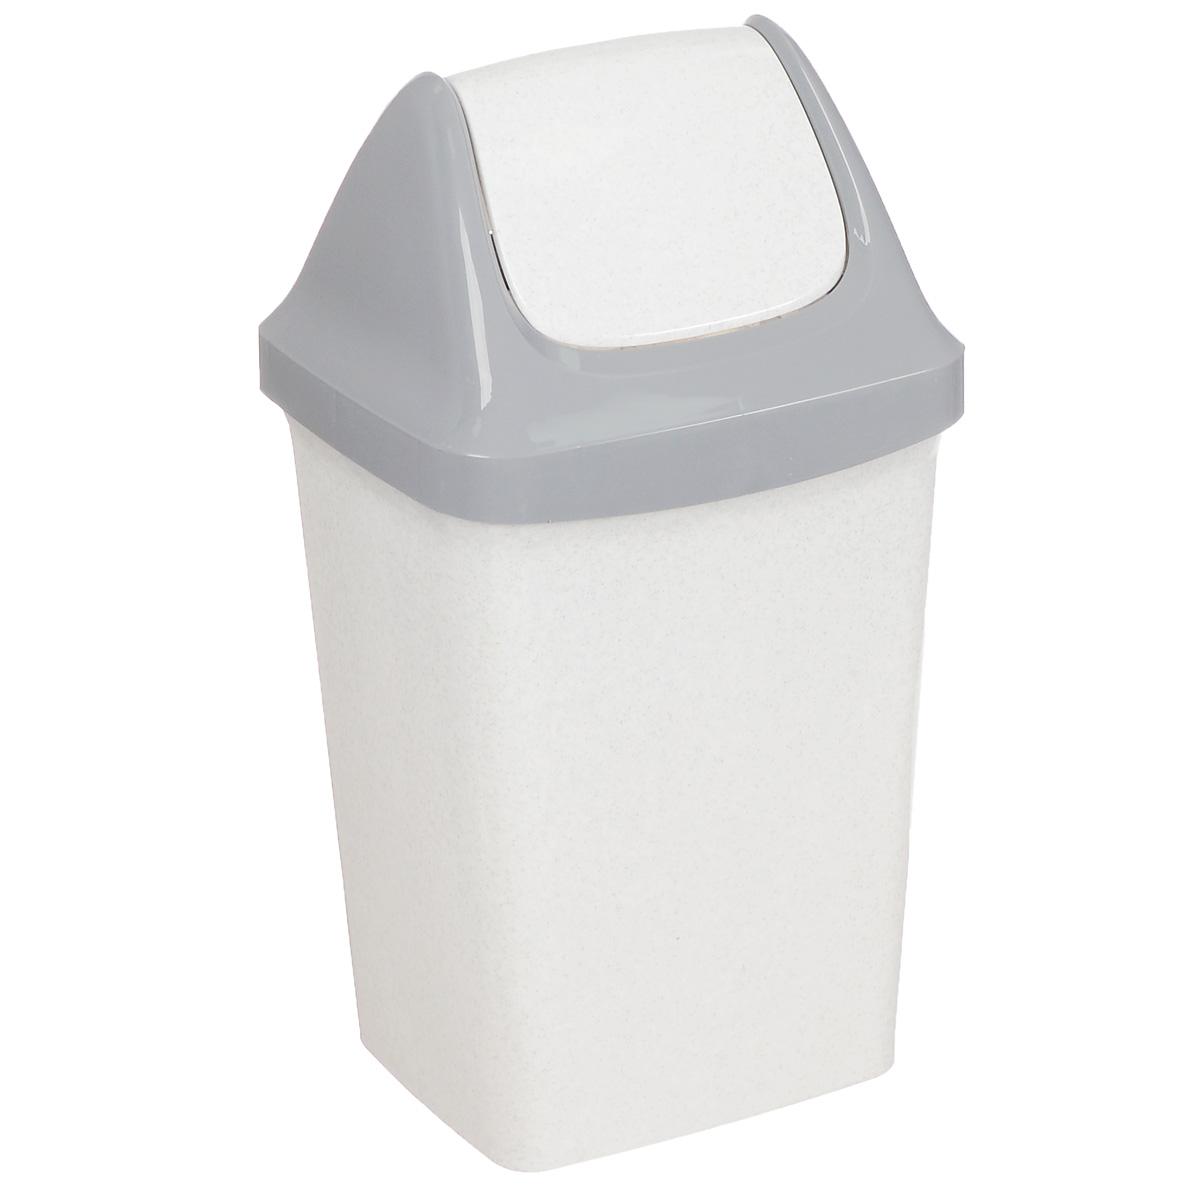 Контейнер для мусора Idea Свинг, цвет: белый мрамор, 25 лBL505Контейнер для мусора Idea Свинг изготовлен из прочного полипропилена (пластика). Контейнер снабжен удобной съемной крышкой с подвижной перегородкой. Благодаря лаконичному дизайну такой контейнер идеально впишется в интерьер и дома, и офиса.